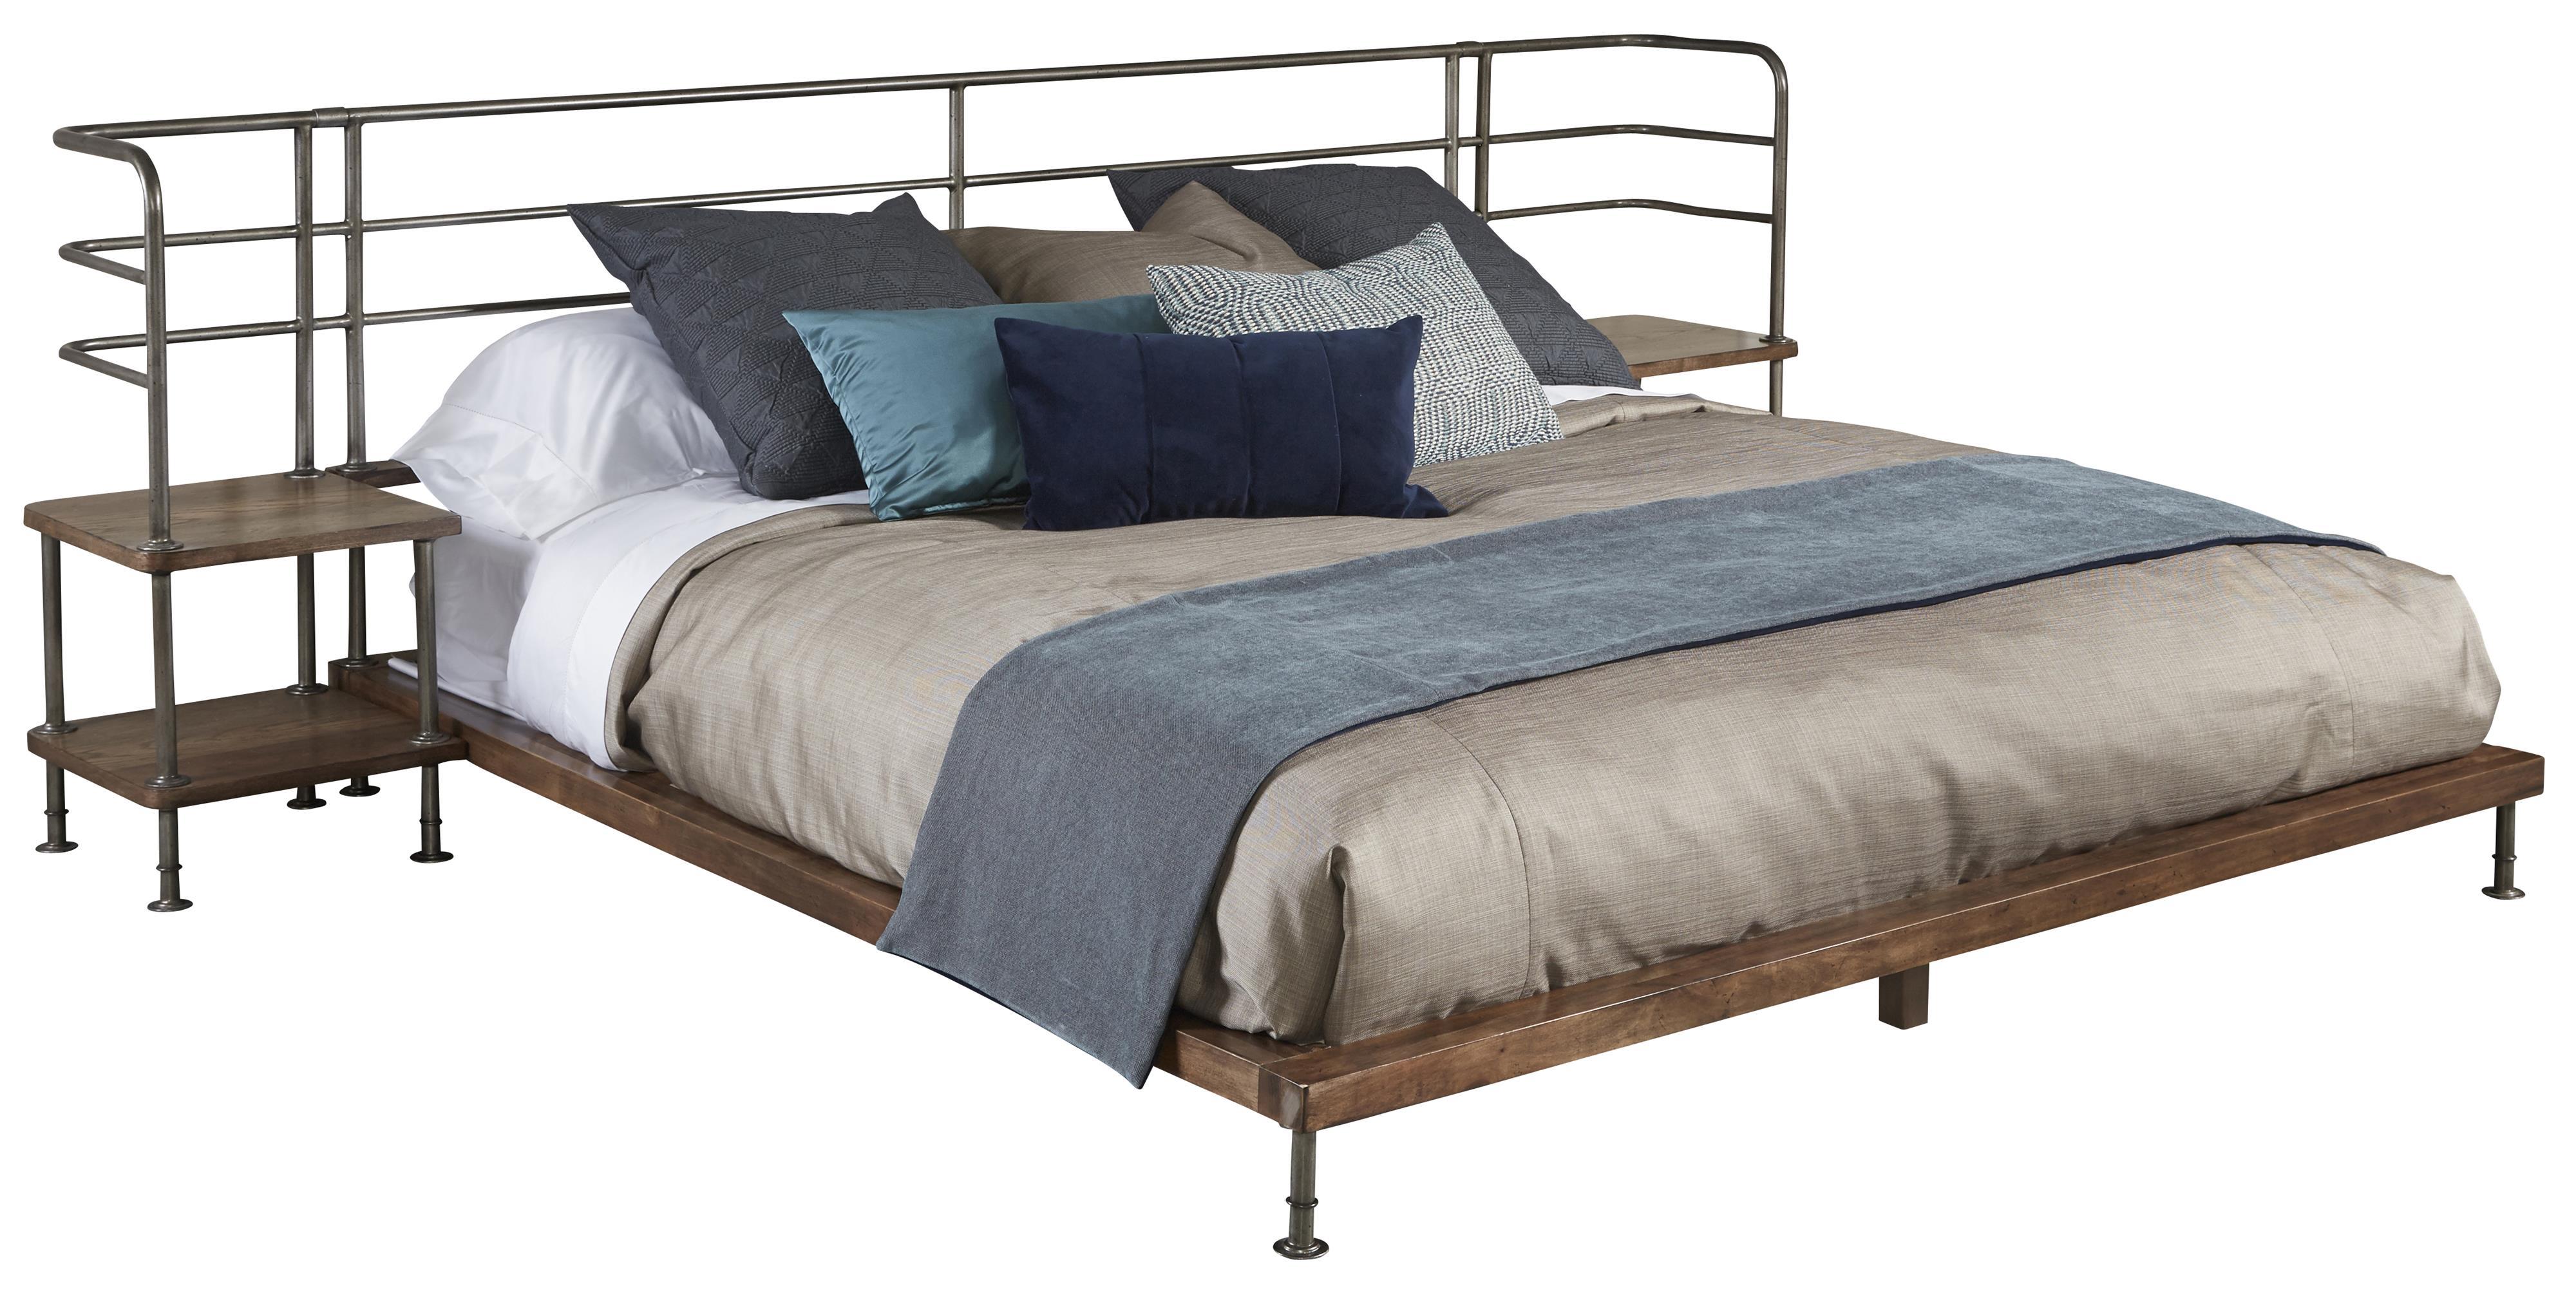 Belfort Signature Urban Treasures Queen Factory Platform Bed w/ 2 Nightstands - Item Number: 223165-2302